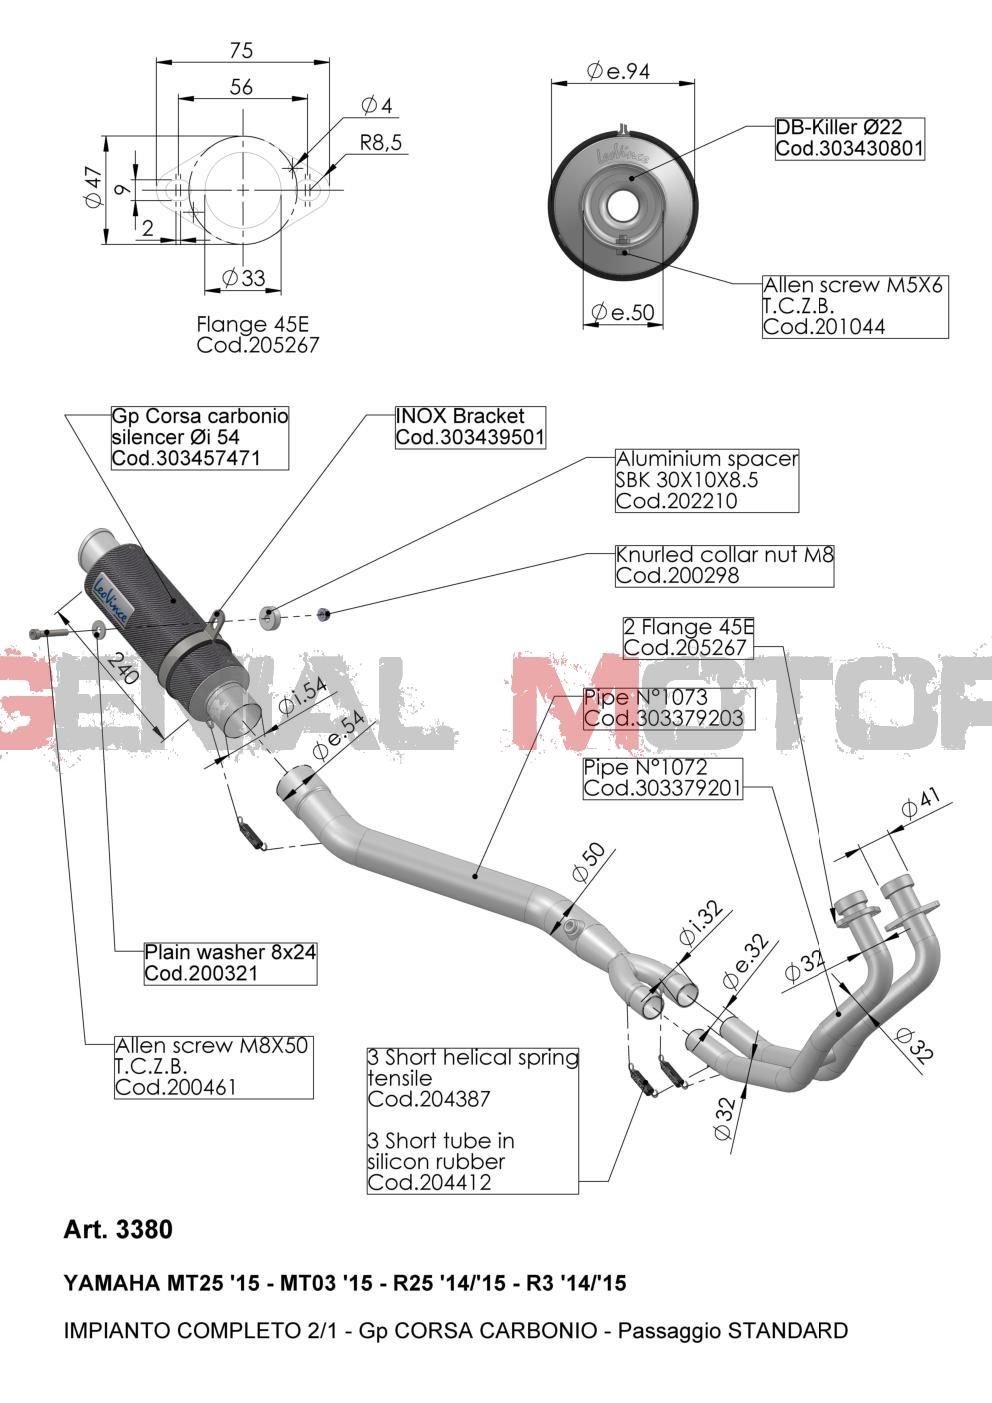 3380 Pot D'Echappement Complete Leovince Gp Corsa Carbone Yamaha Mt 25 2015 > 2020